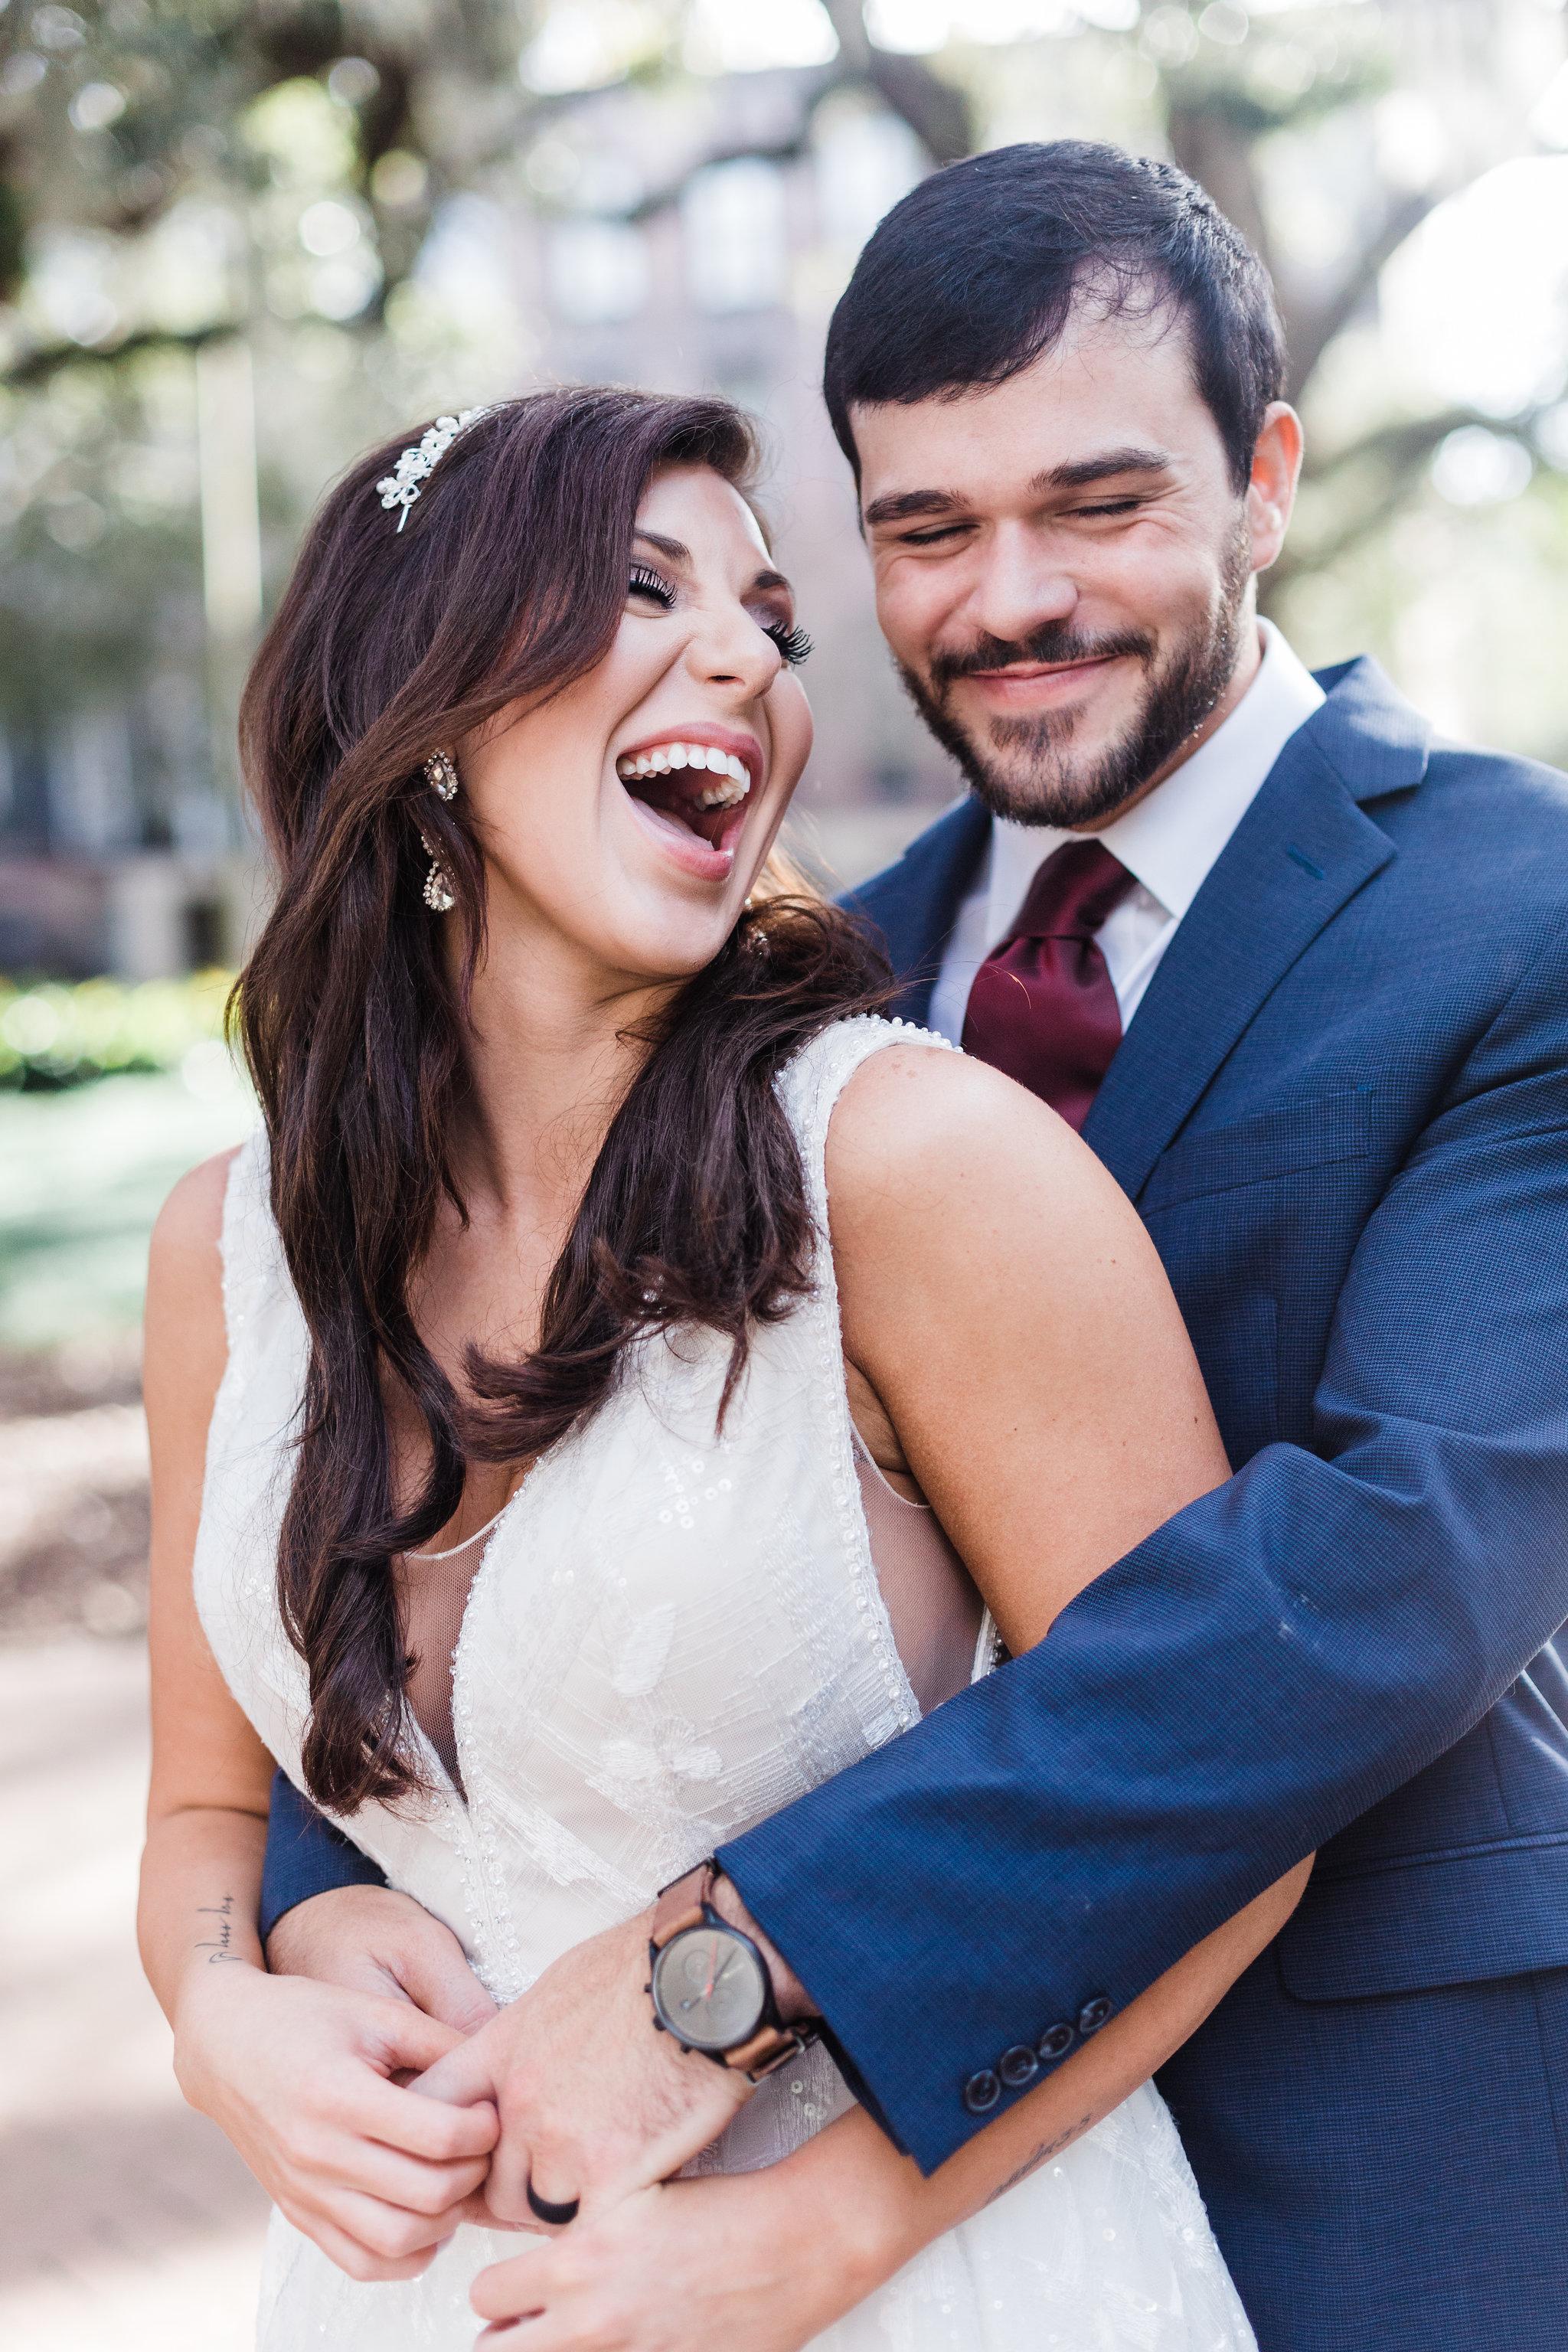 apt-b-photography-lindsey-shawn-Savannah-wedding-photographer-savannah-elopement-photographer-historic-savannah-elopement-savannah-weddings-hilton-head-wedding-photographer-jekyll-island-wedding-photographer-26.jpg